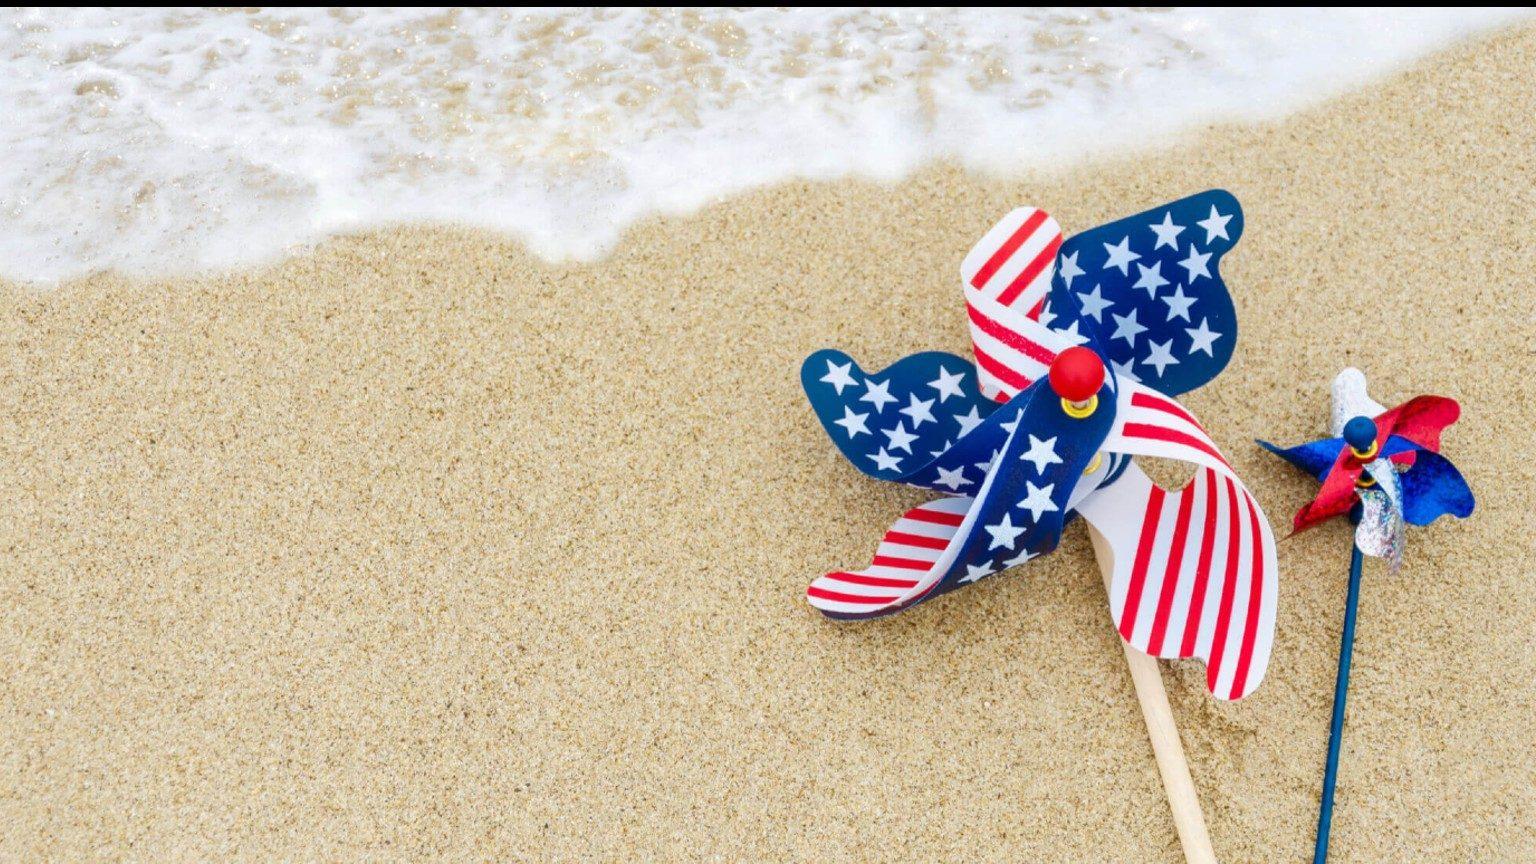 Flag on a sandy beach